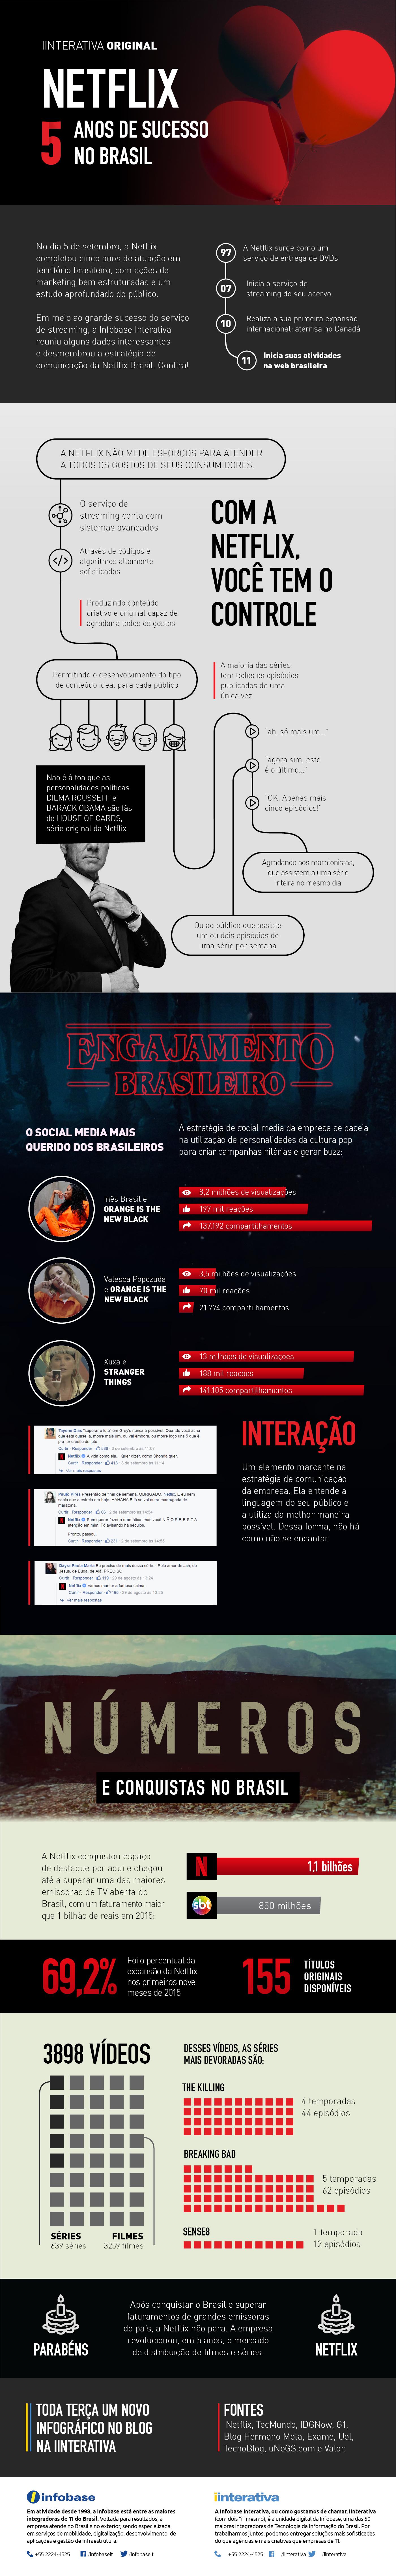 Netflix comemora 5 anos de sucesso no Brasil; relembre